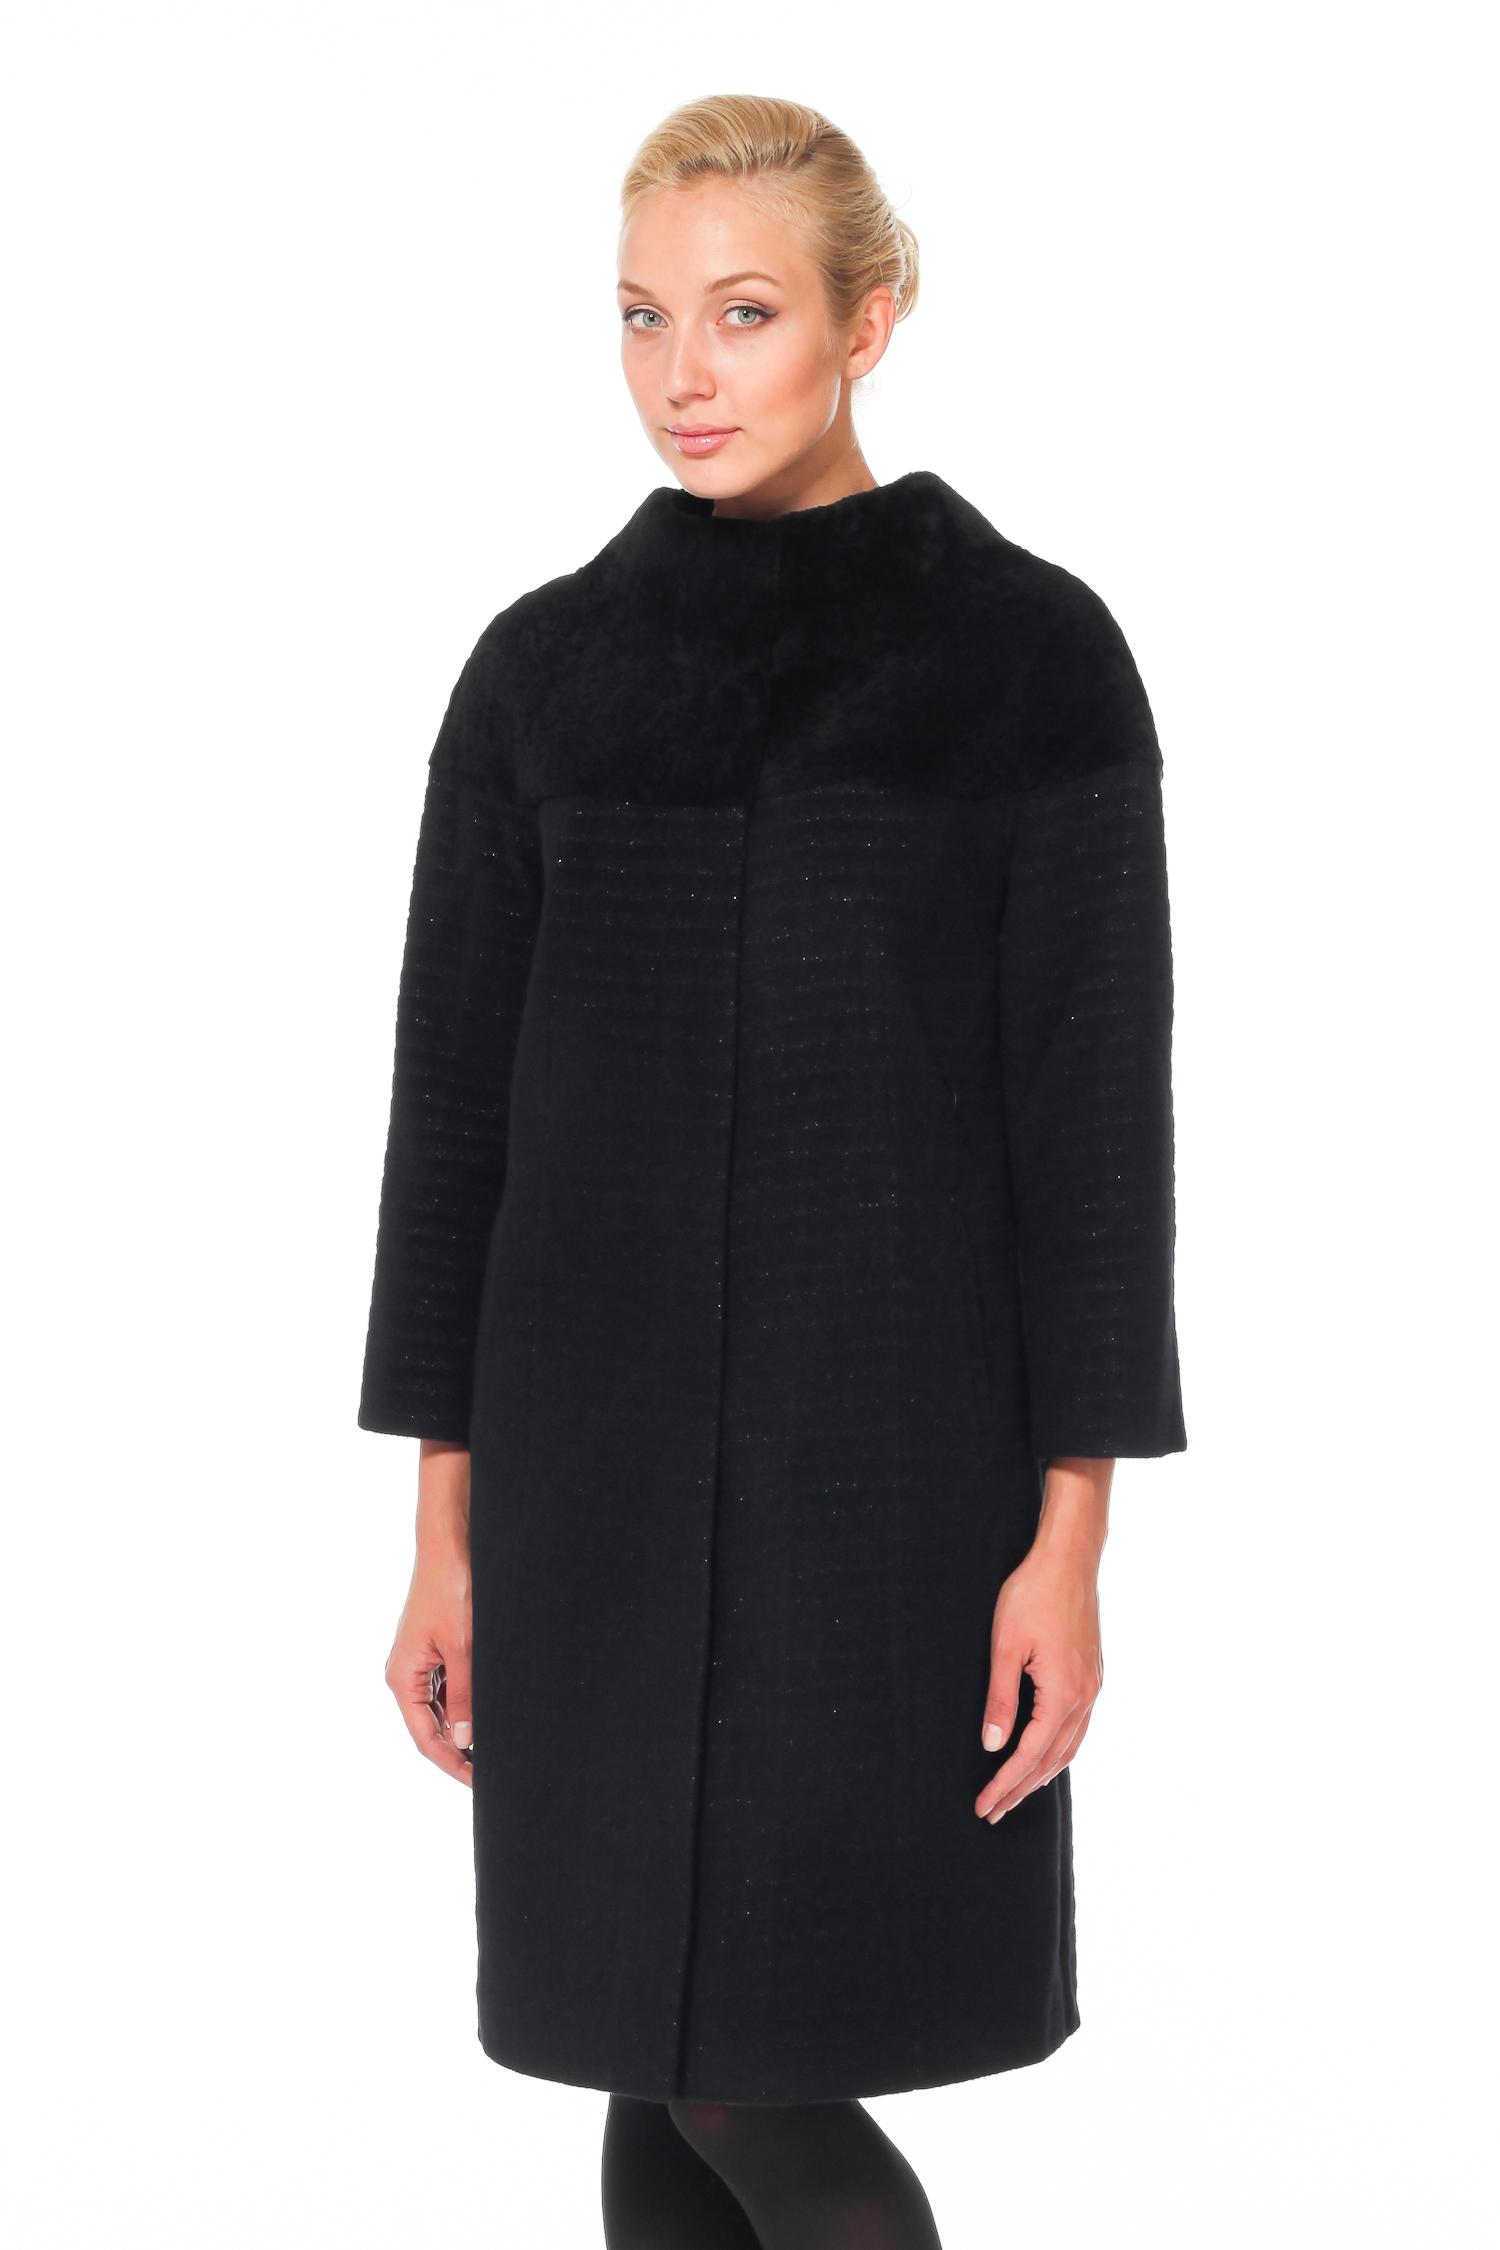 Женское пальто с воротником - астраган/текстиль<br><br>Воротник: стойка<br>Длина см: Длинная (свыше 90)<br>Материал: Текстиль<br>Цвет: черный<br>Вид застежки: потайная<br>Застежка: на кнопки<br>Пол: Женский<br>Размер RU: 54